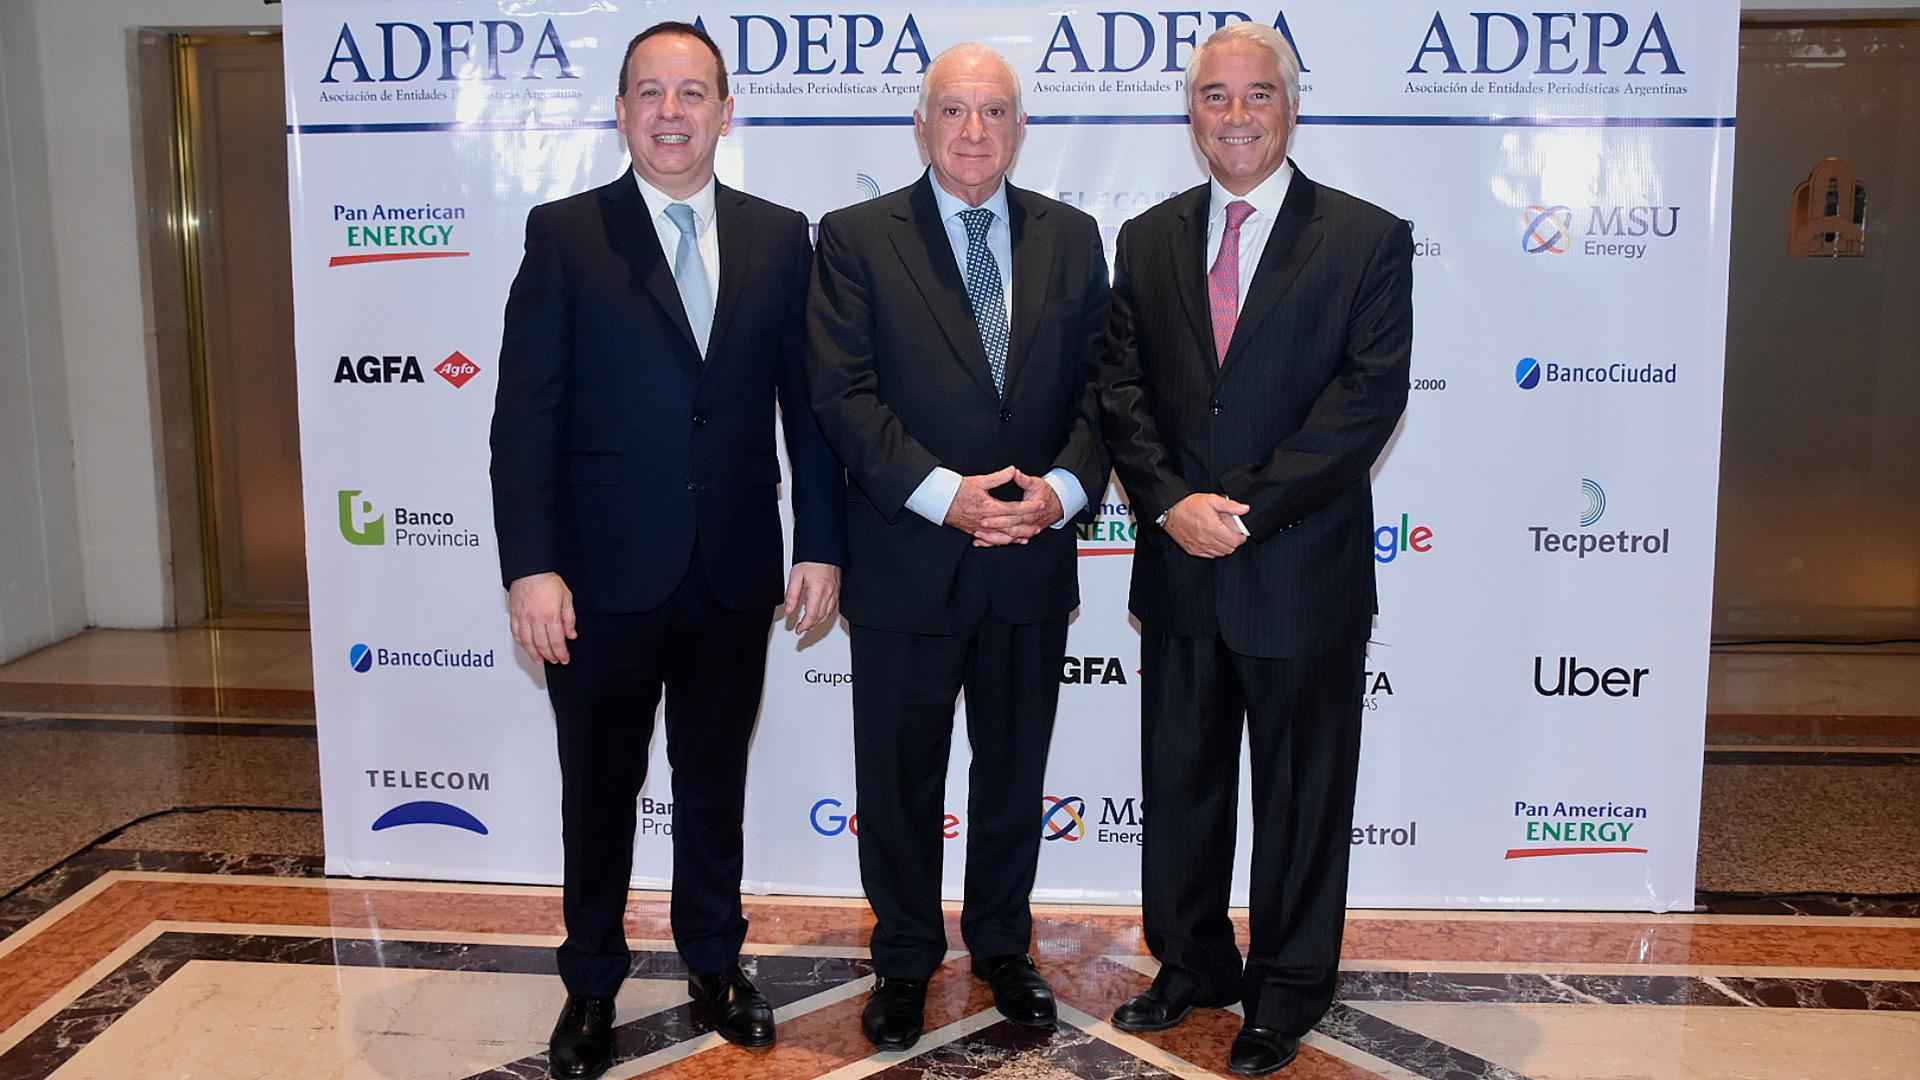 Martín Etchevers, presidente de Adepa; Norberto Frigerio, director de Relaciones Institucionales de La Nación; y Pablo Deluca, director de Asuntos Institucionales de Infobae